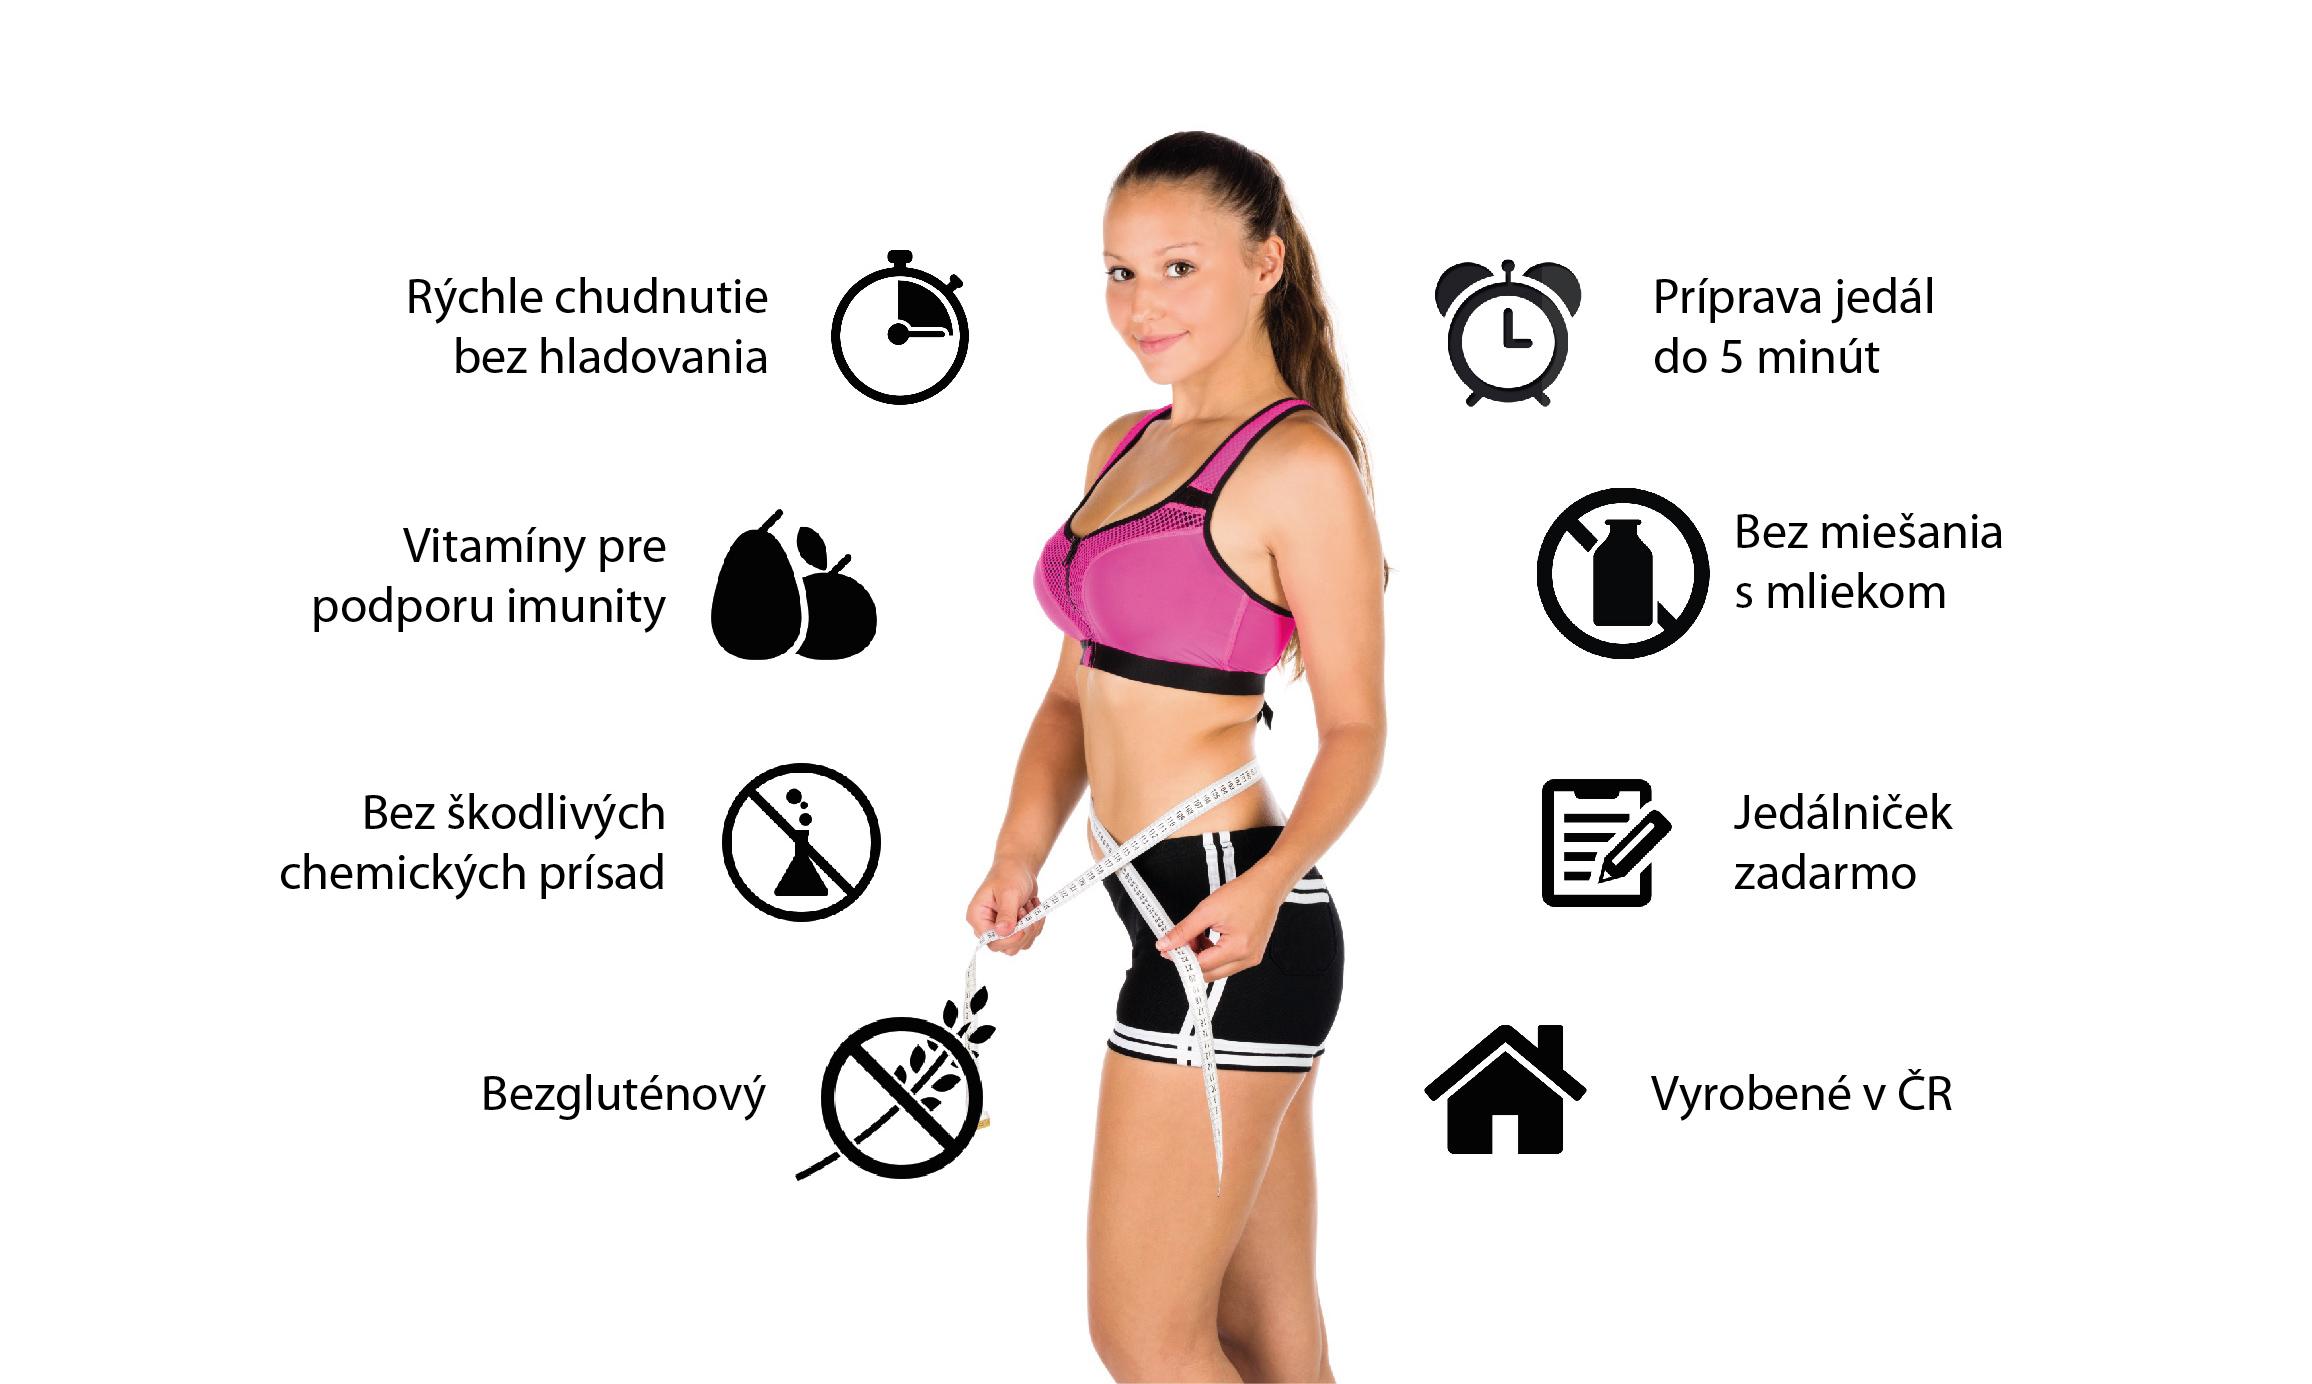 KetoMix diéta, výhody chudnutie s KetoMix